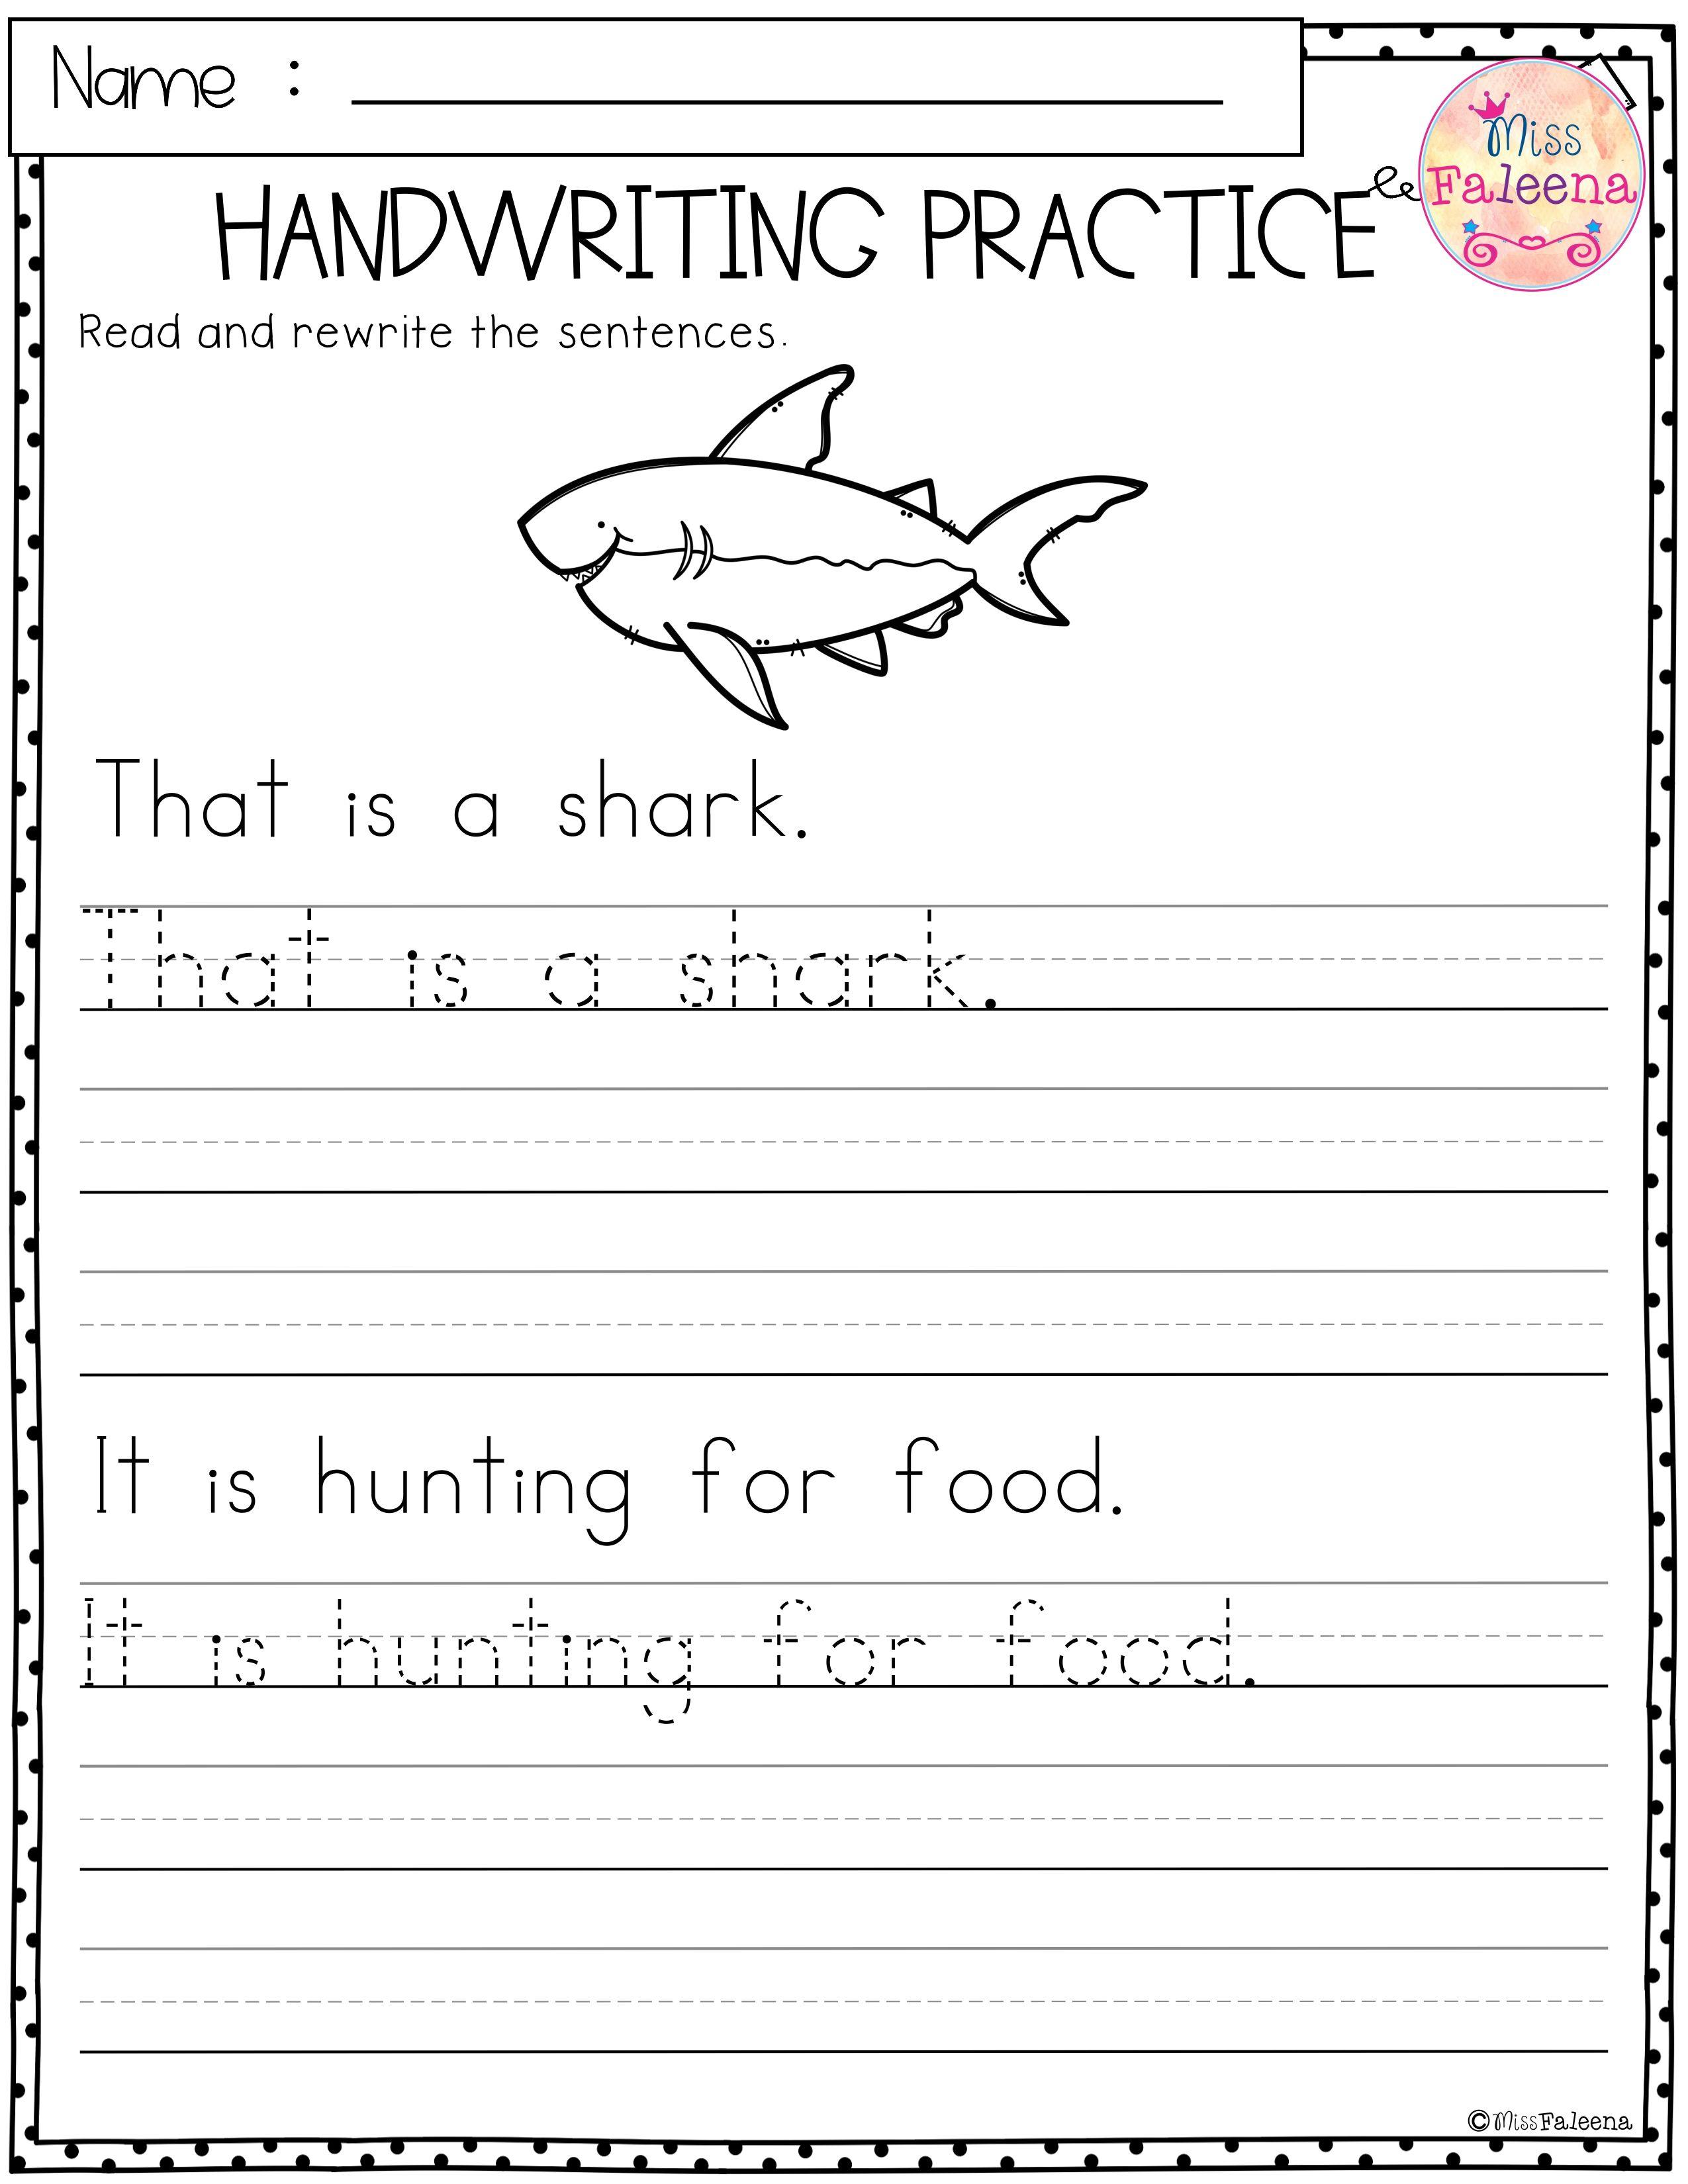 Summer Handwriting Practice